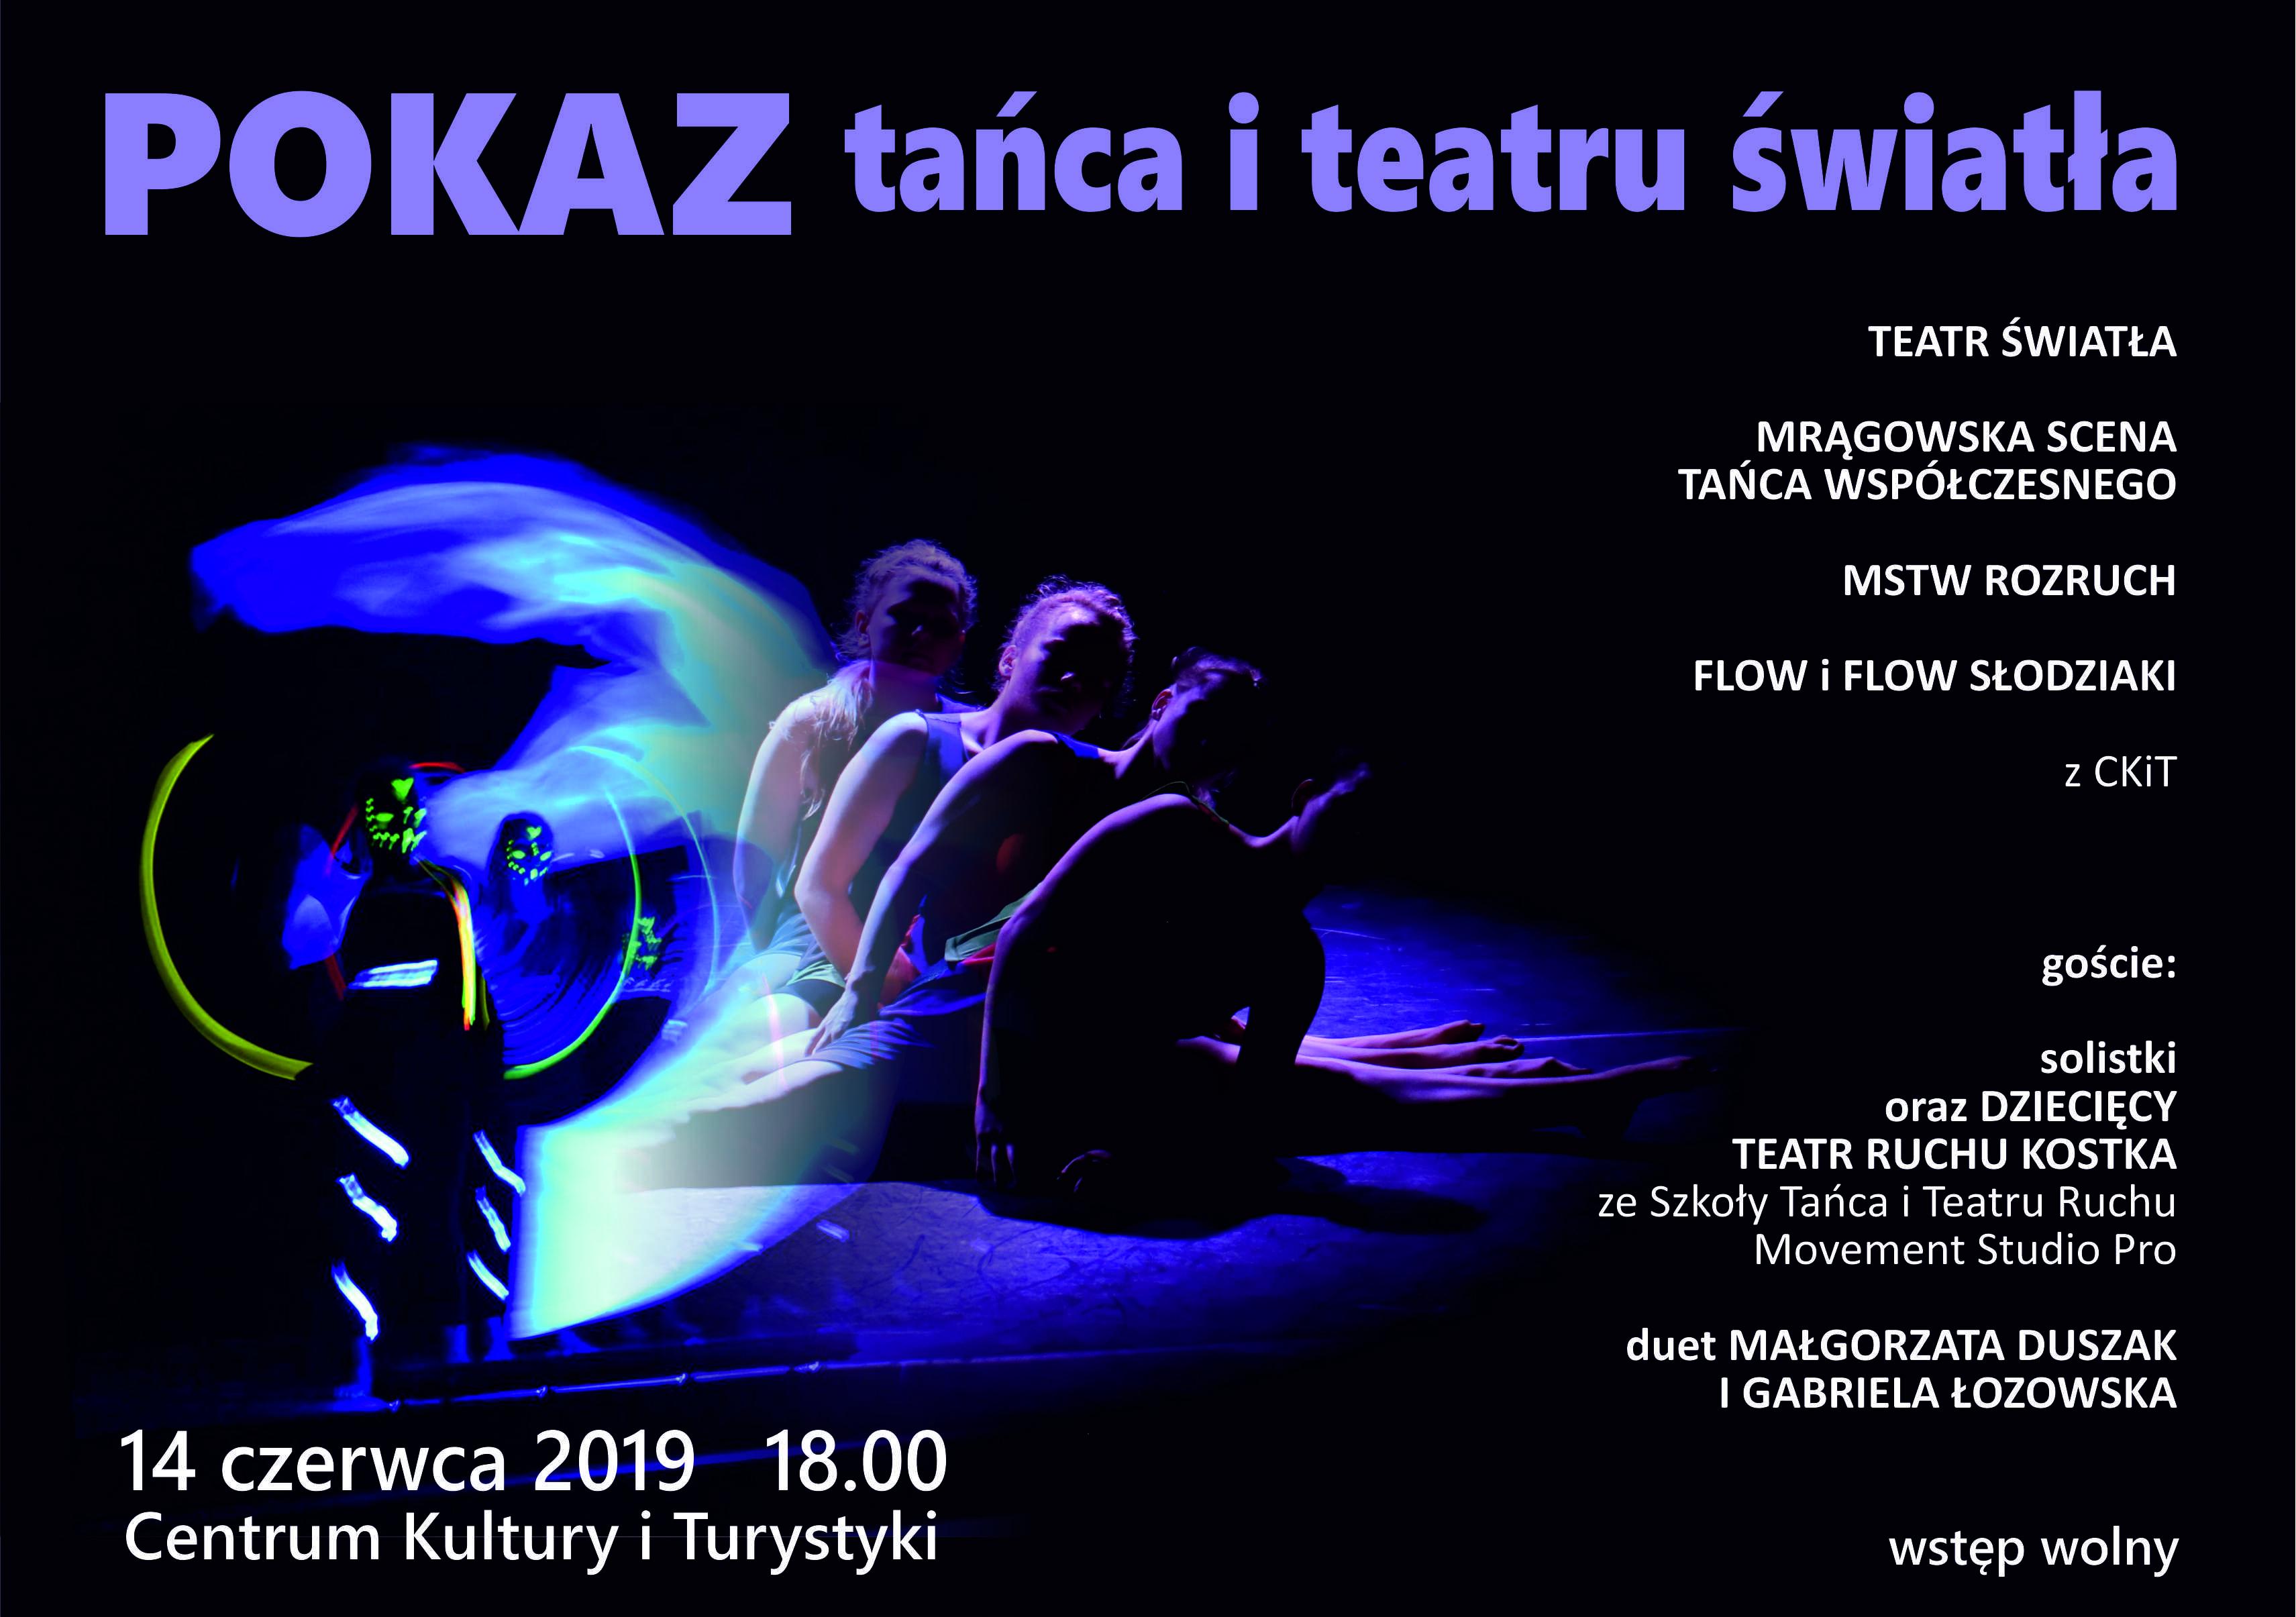 Pokaz tańca i teatru światła